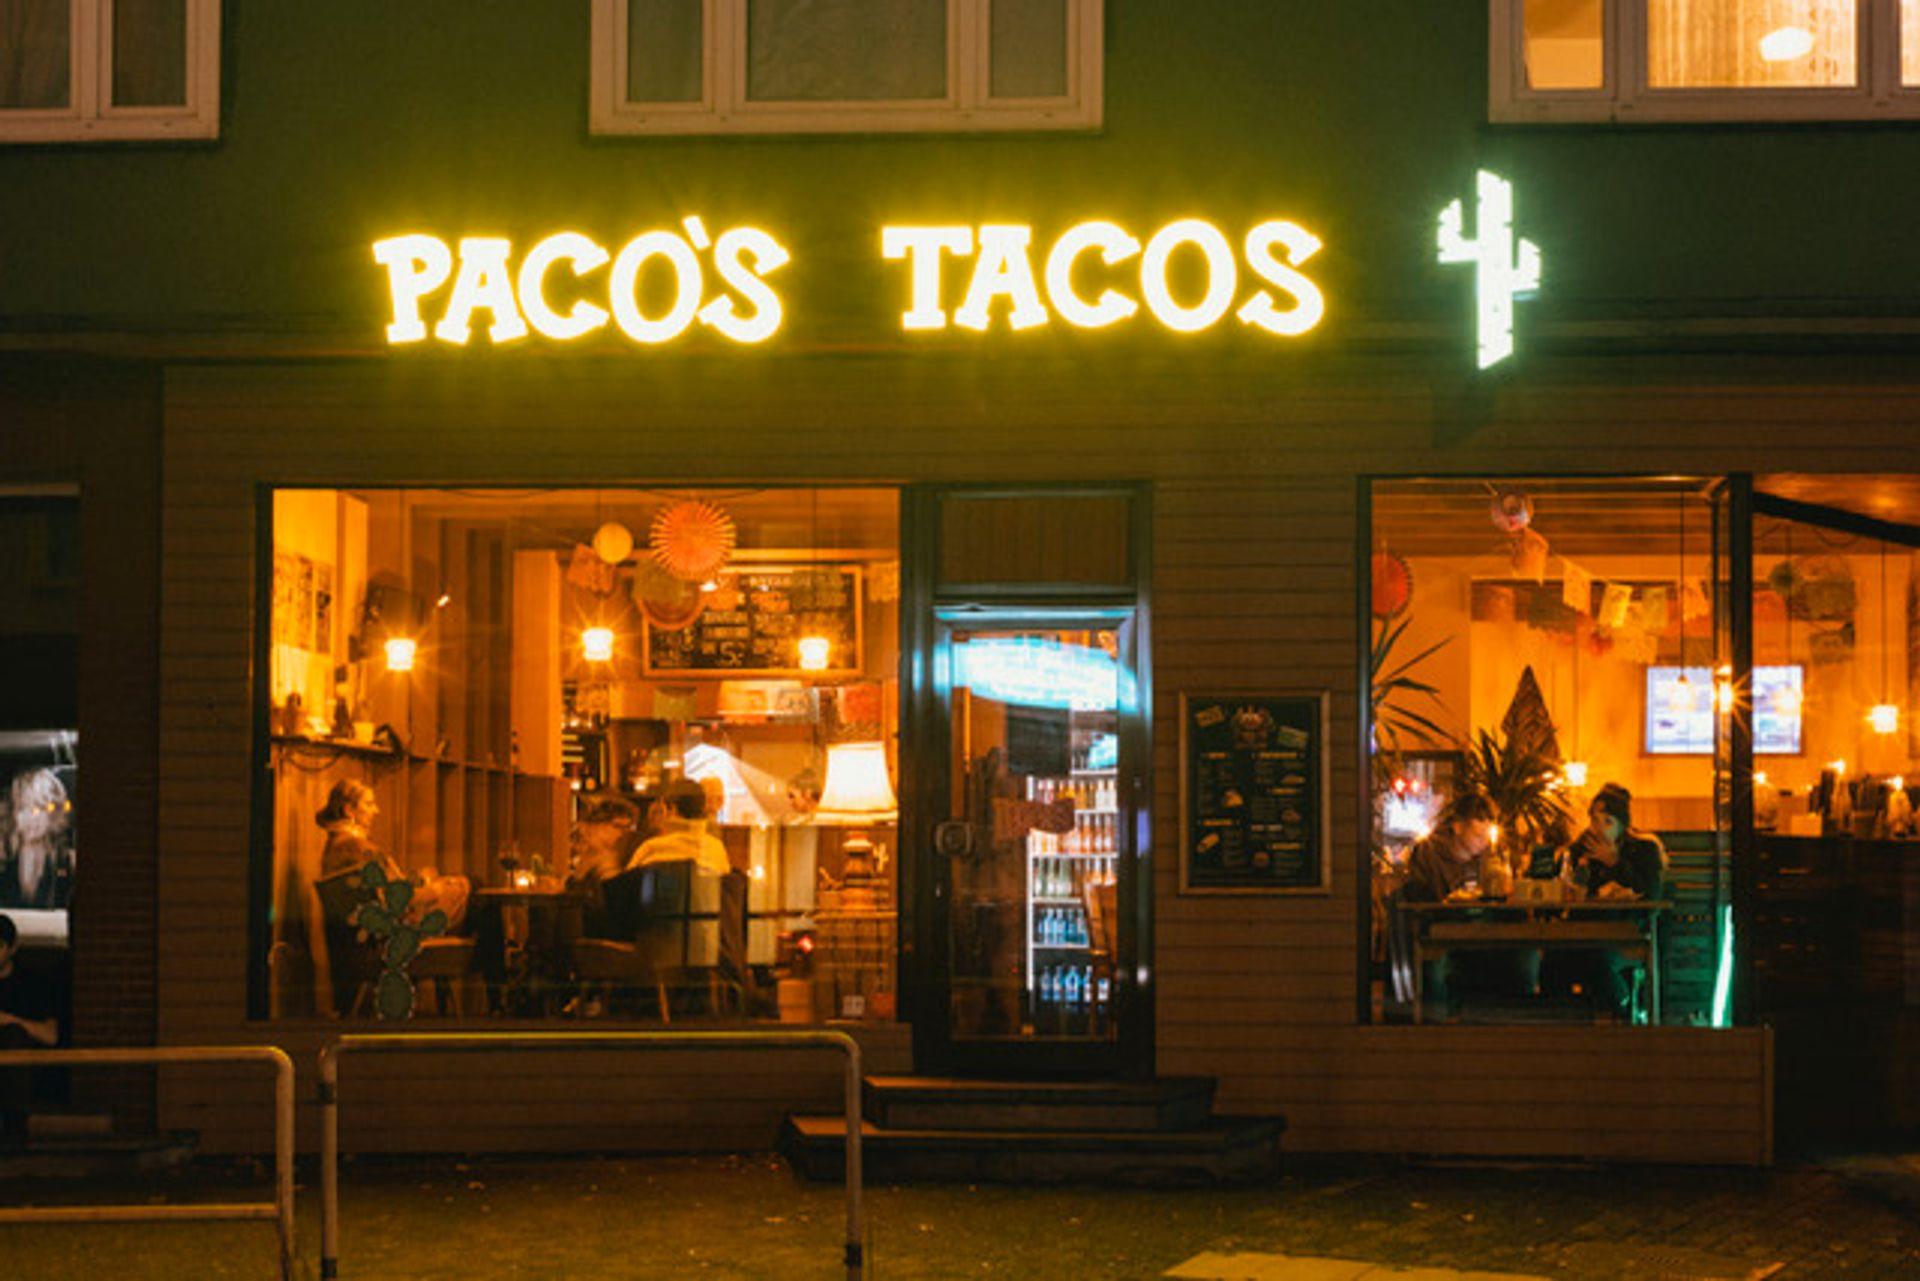 Gewinner werden in der Krise geboren:  Jetzt im Lockdown mit Paco´s Tacos durchstarten